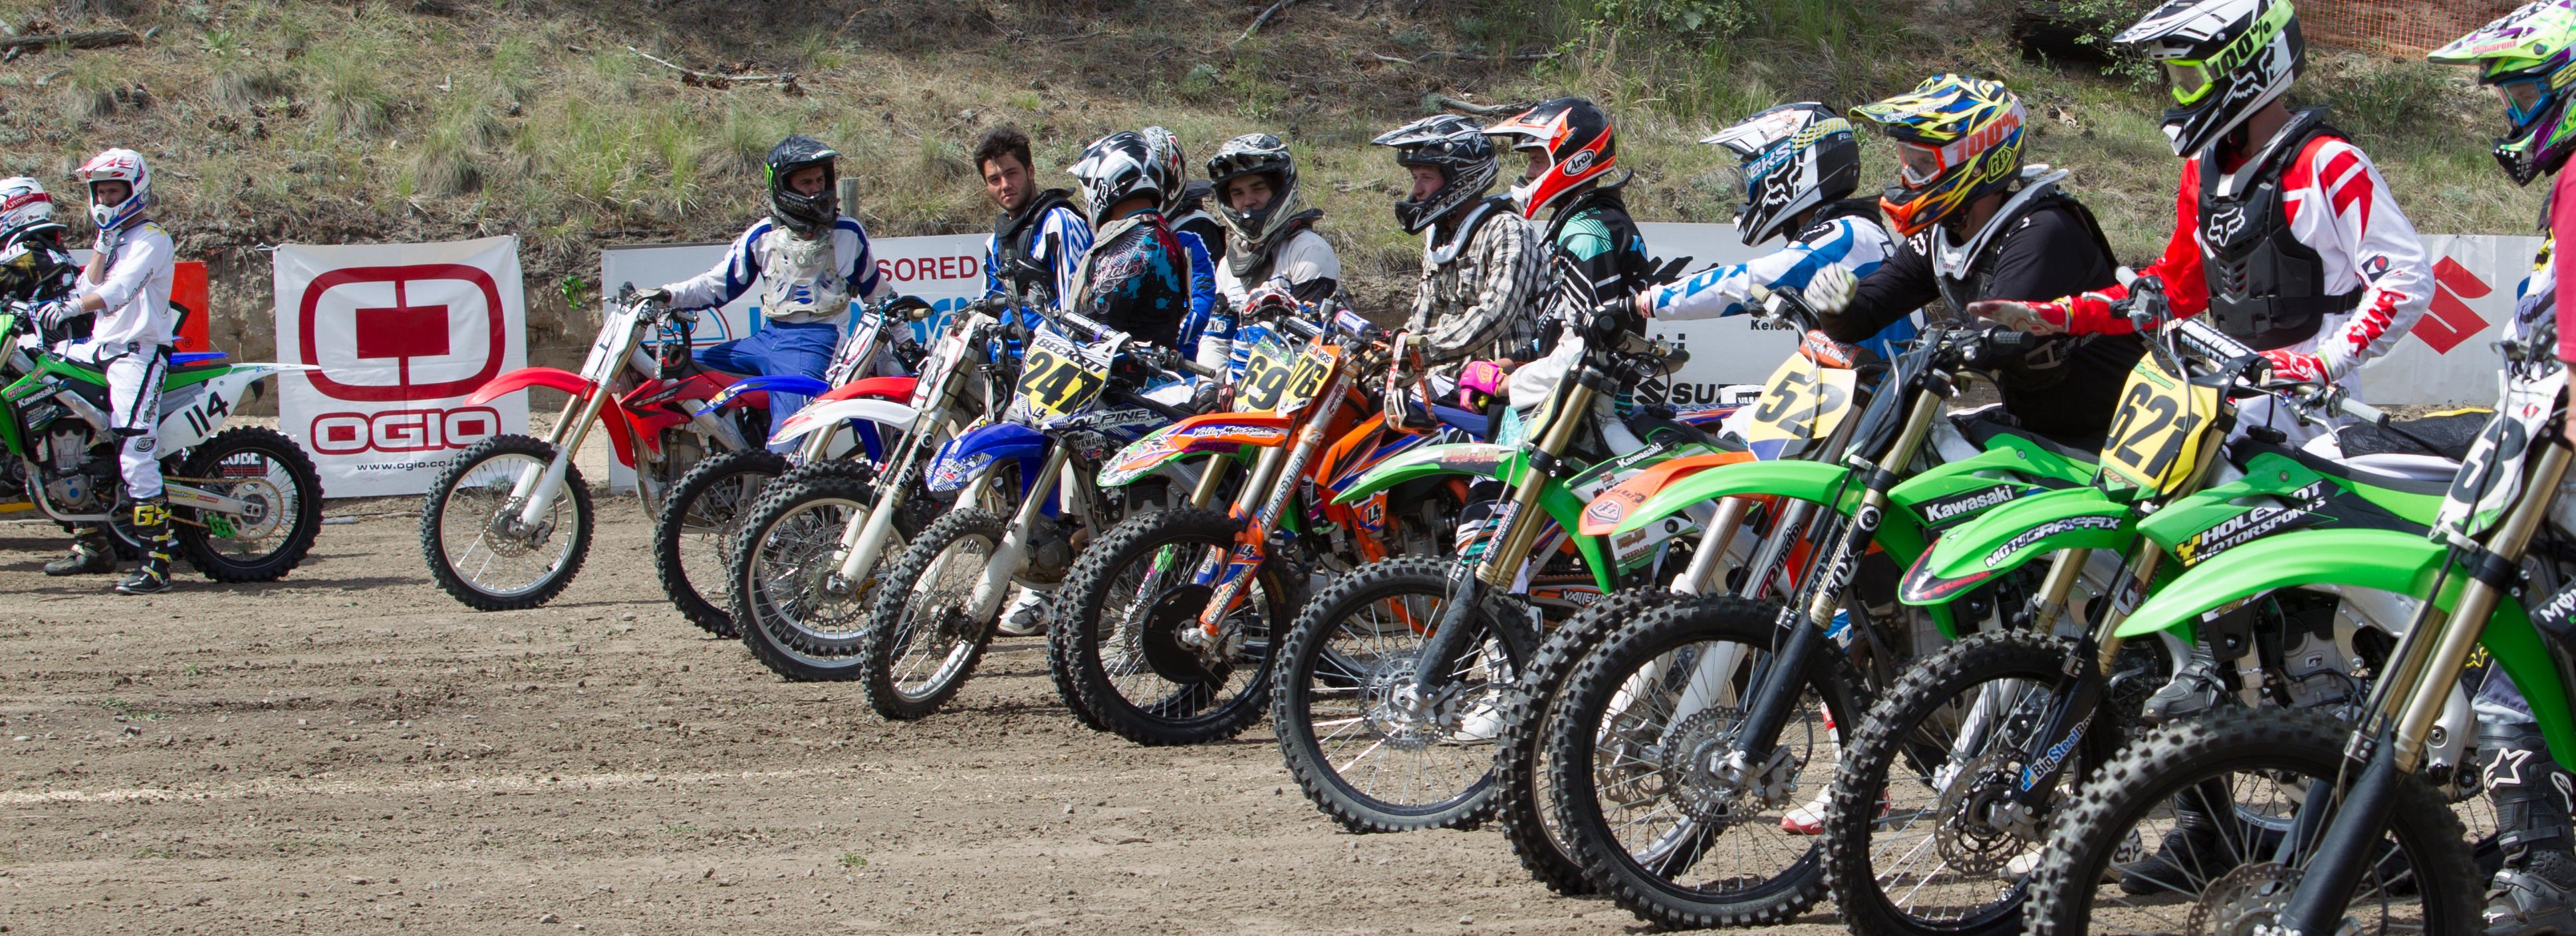 BSB_line of motorcrossers